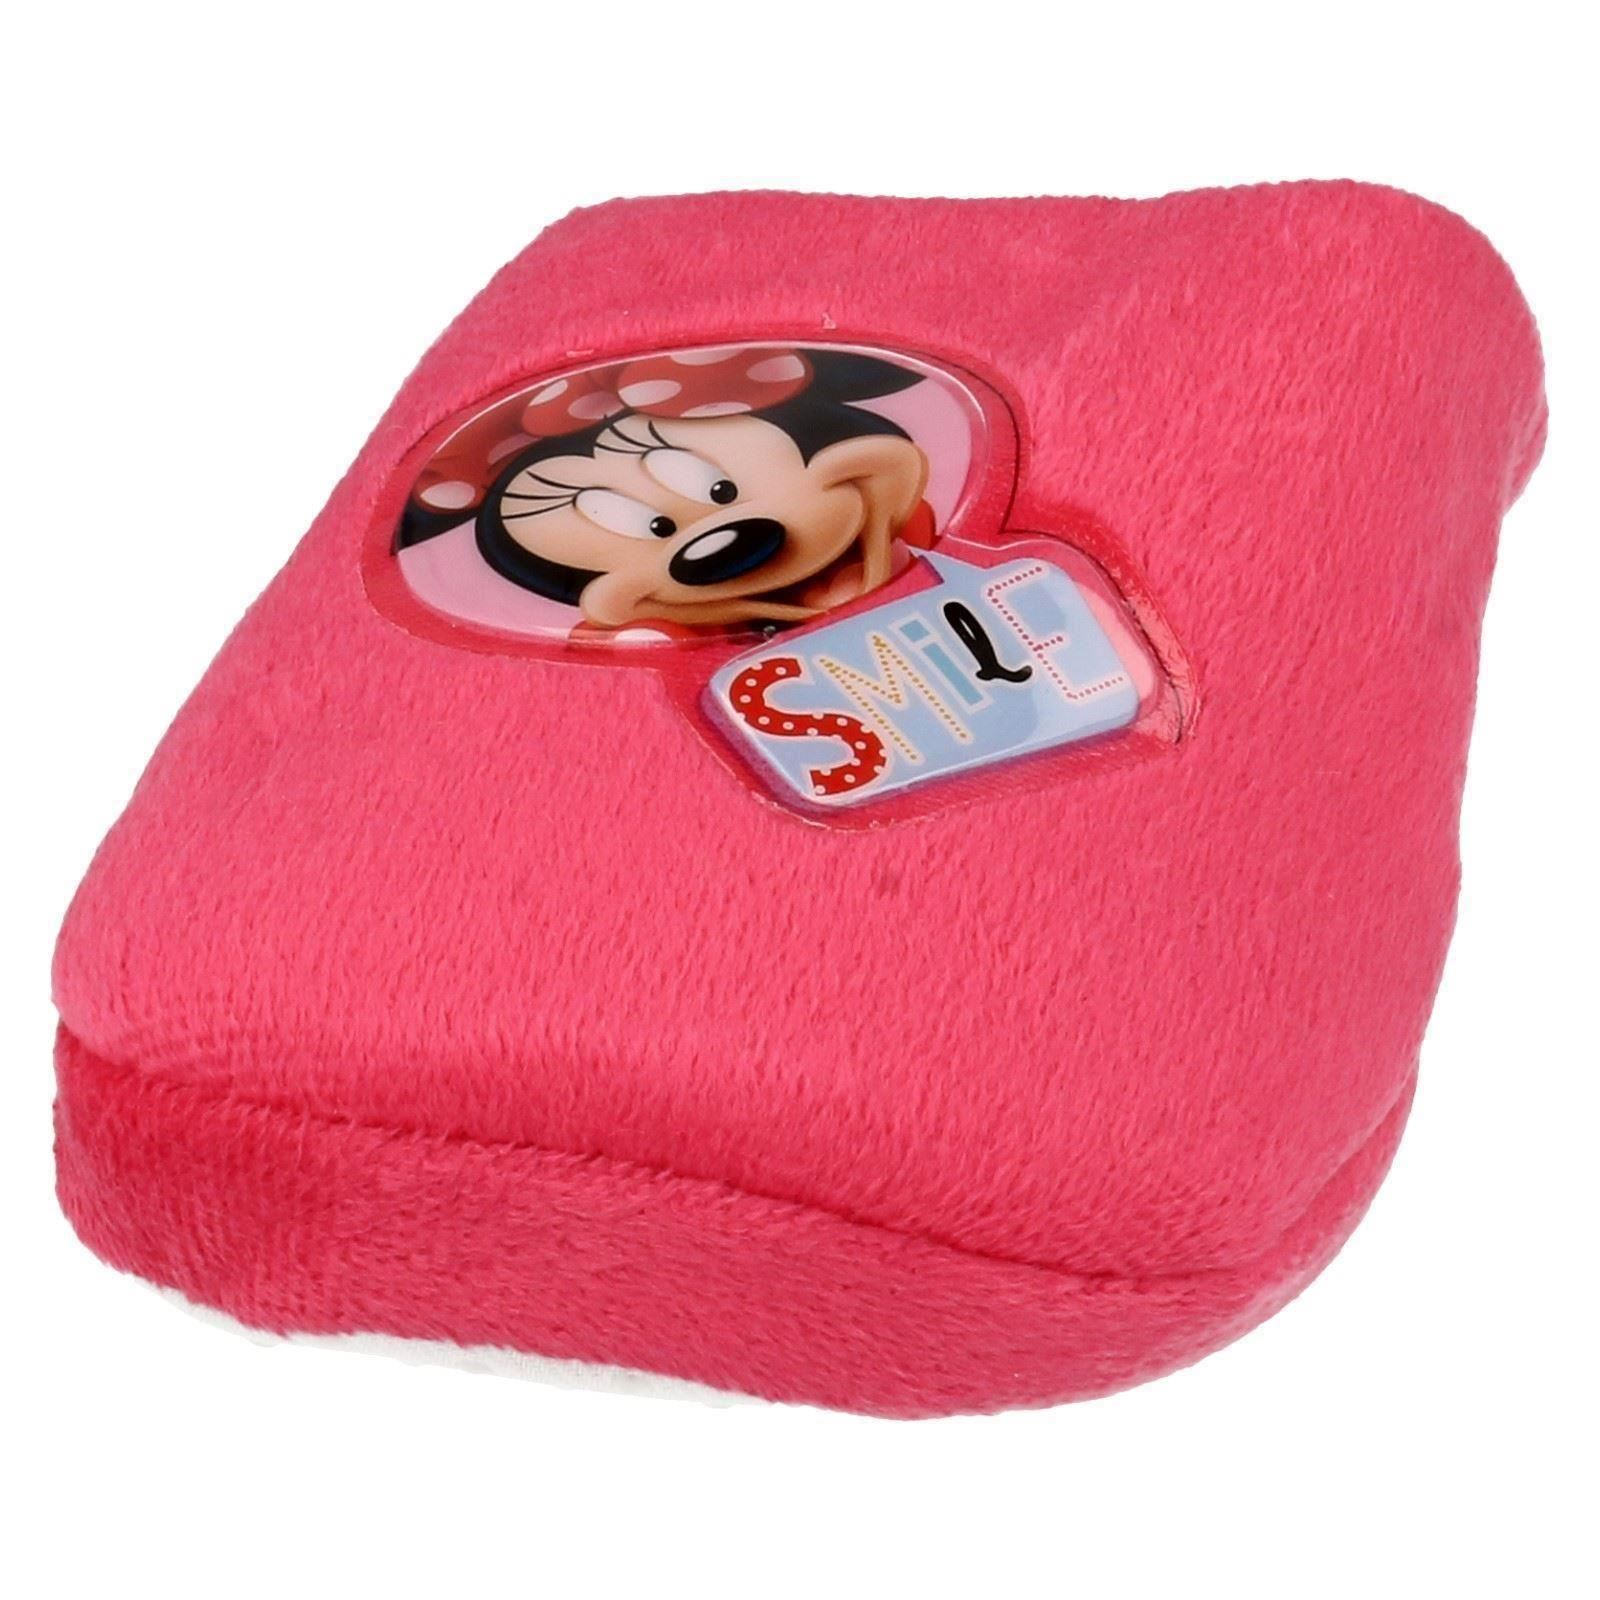 Niñas Punto en sonrisa Minnie Mouse Zapatillas Minnie